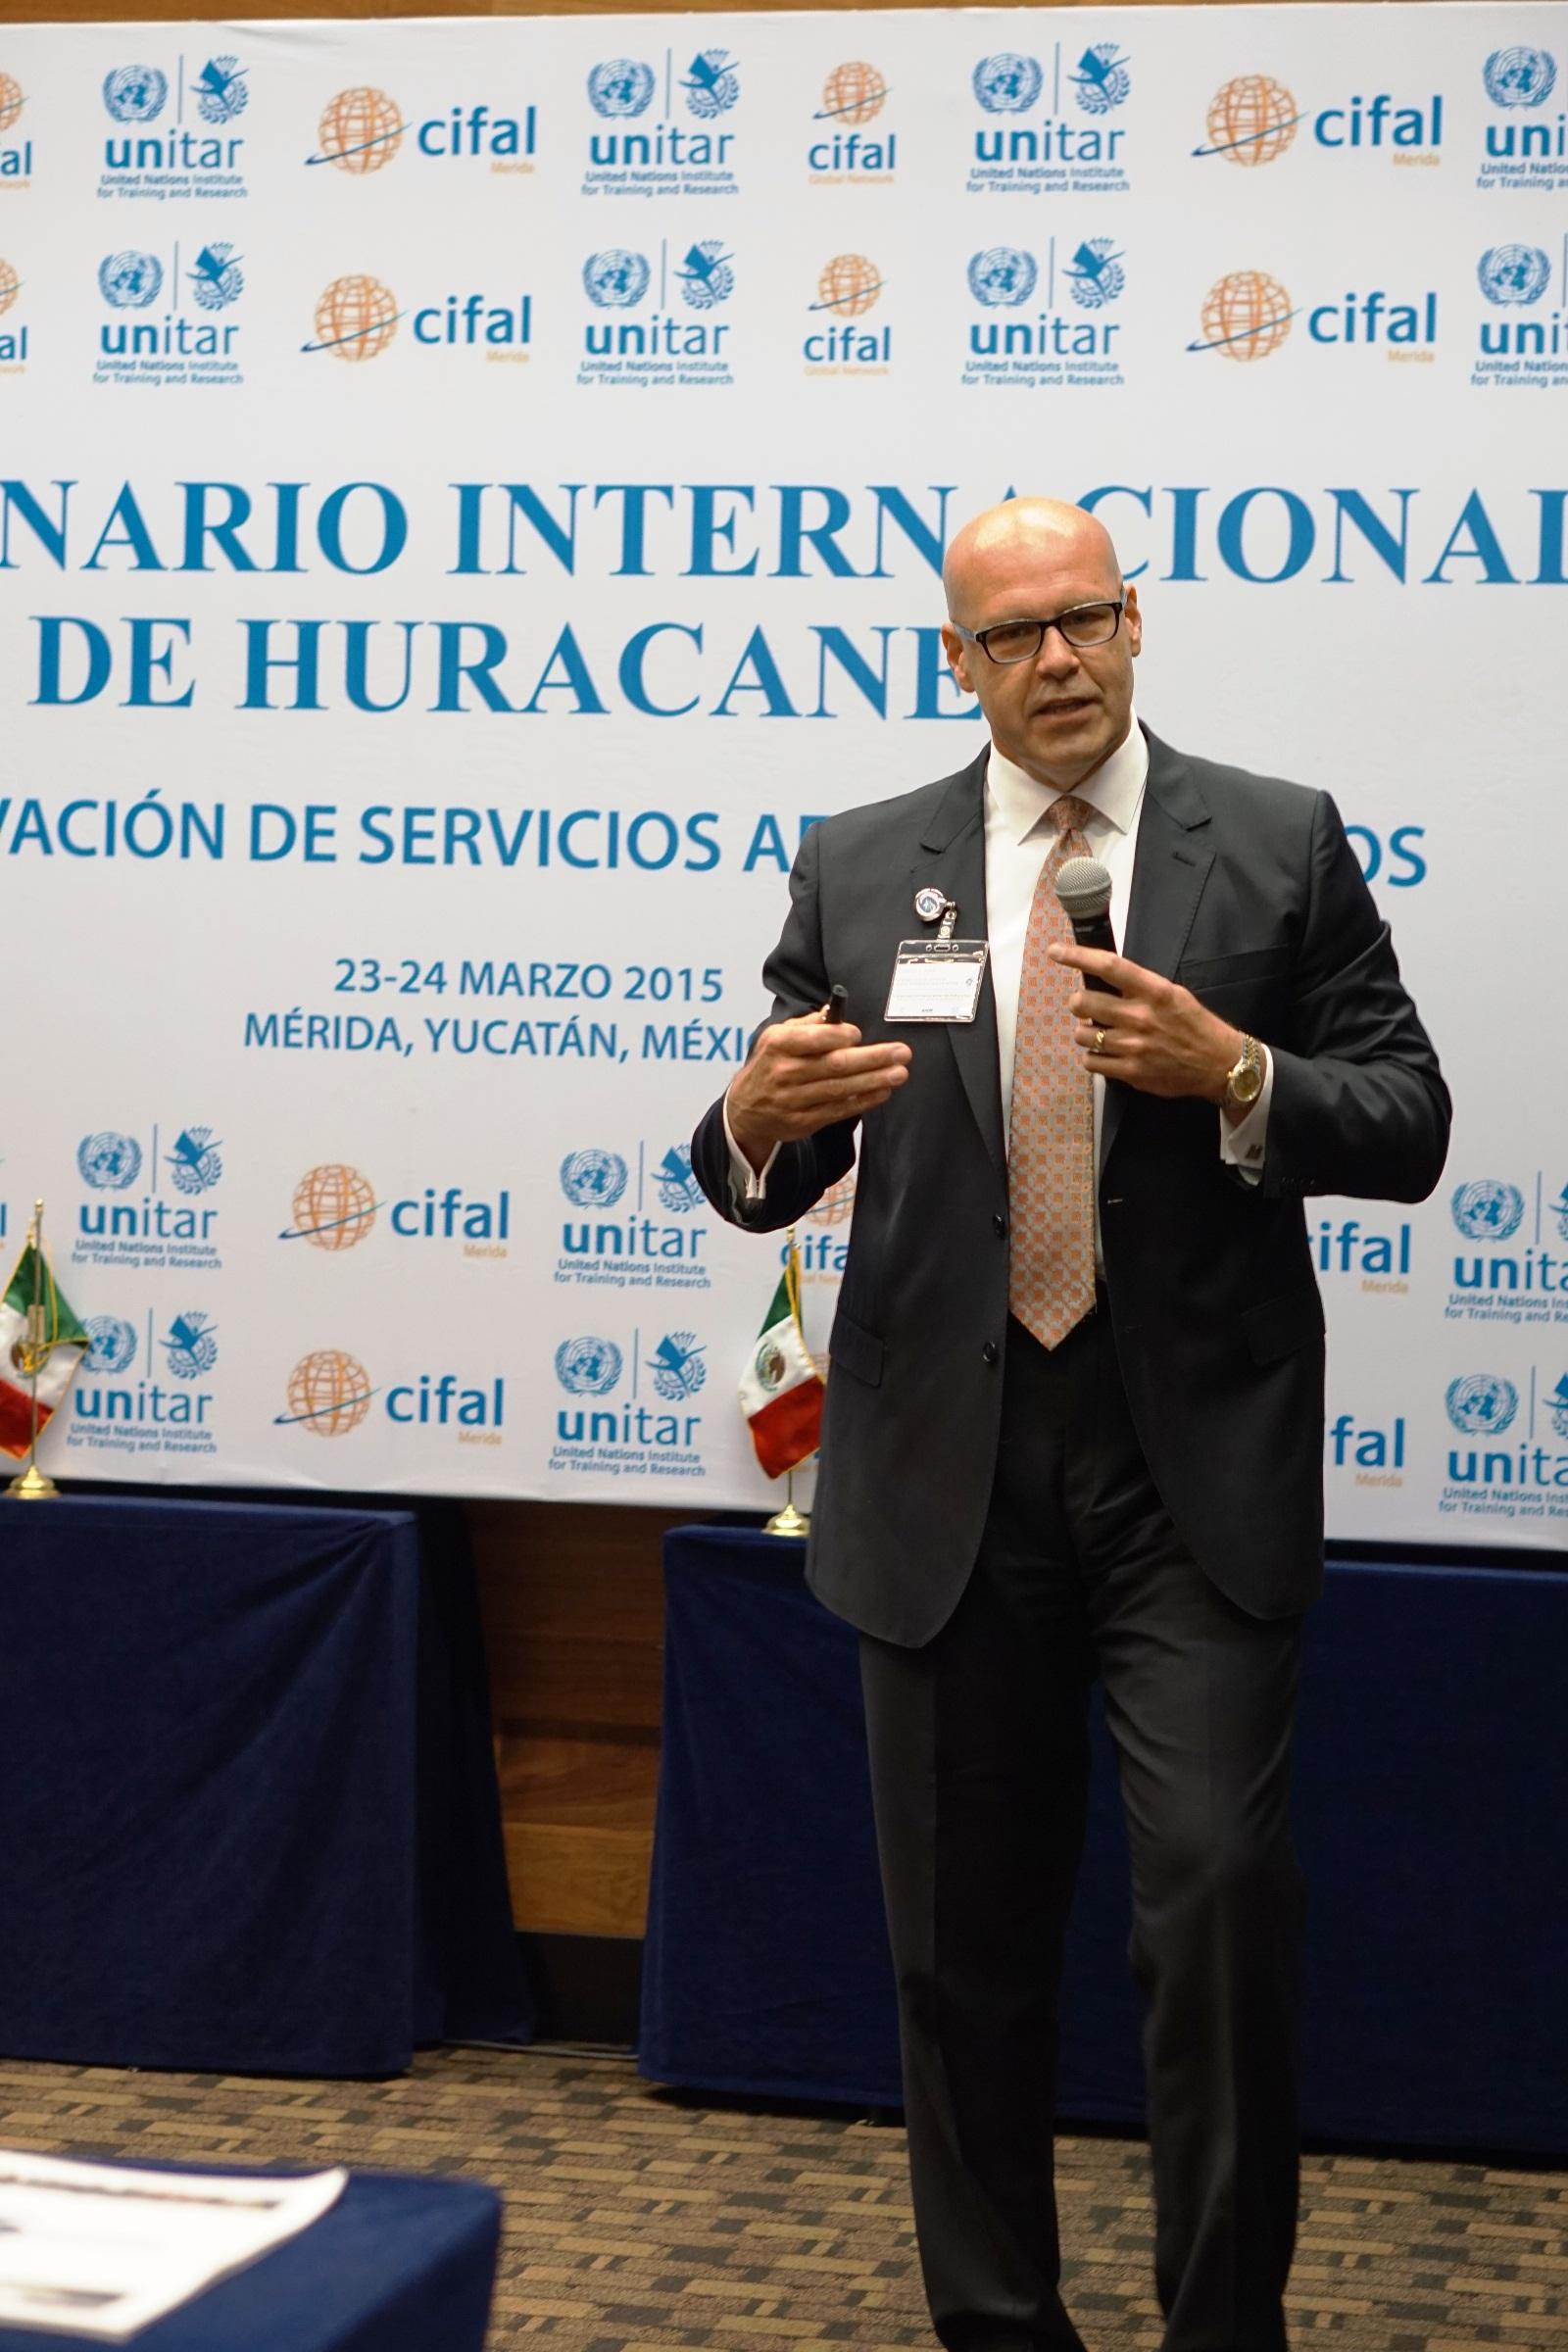 Huracanes 2015 - 33.JPG